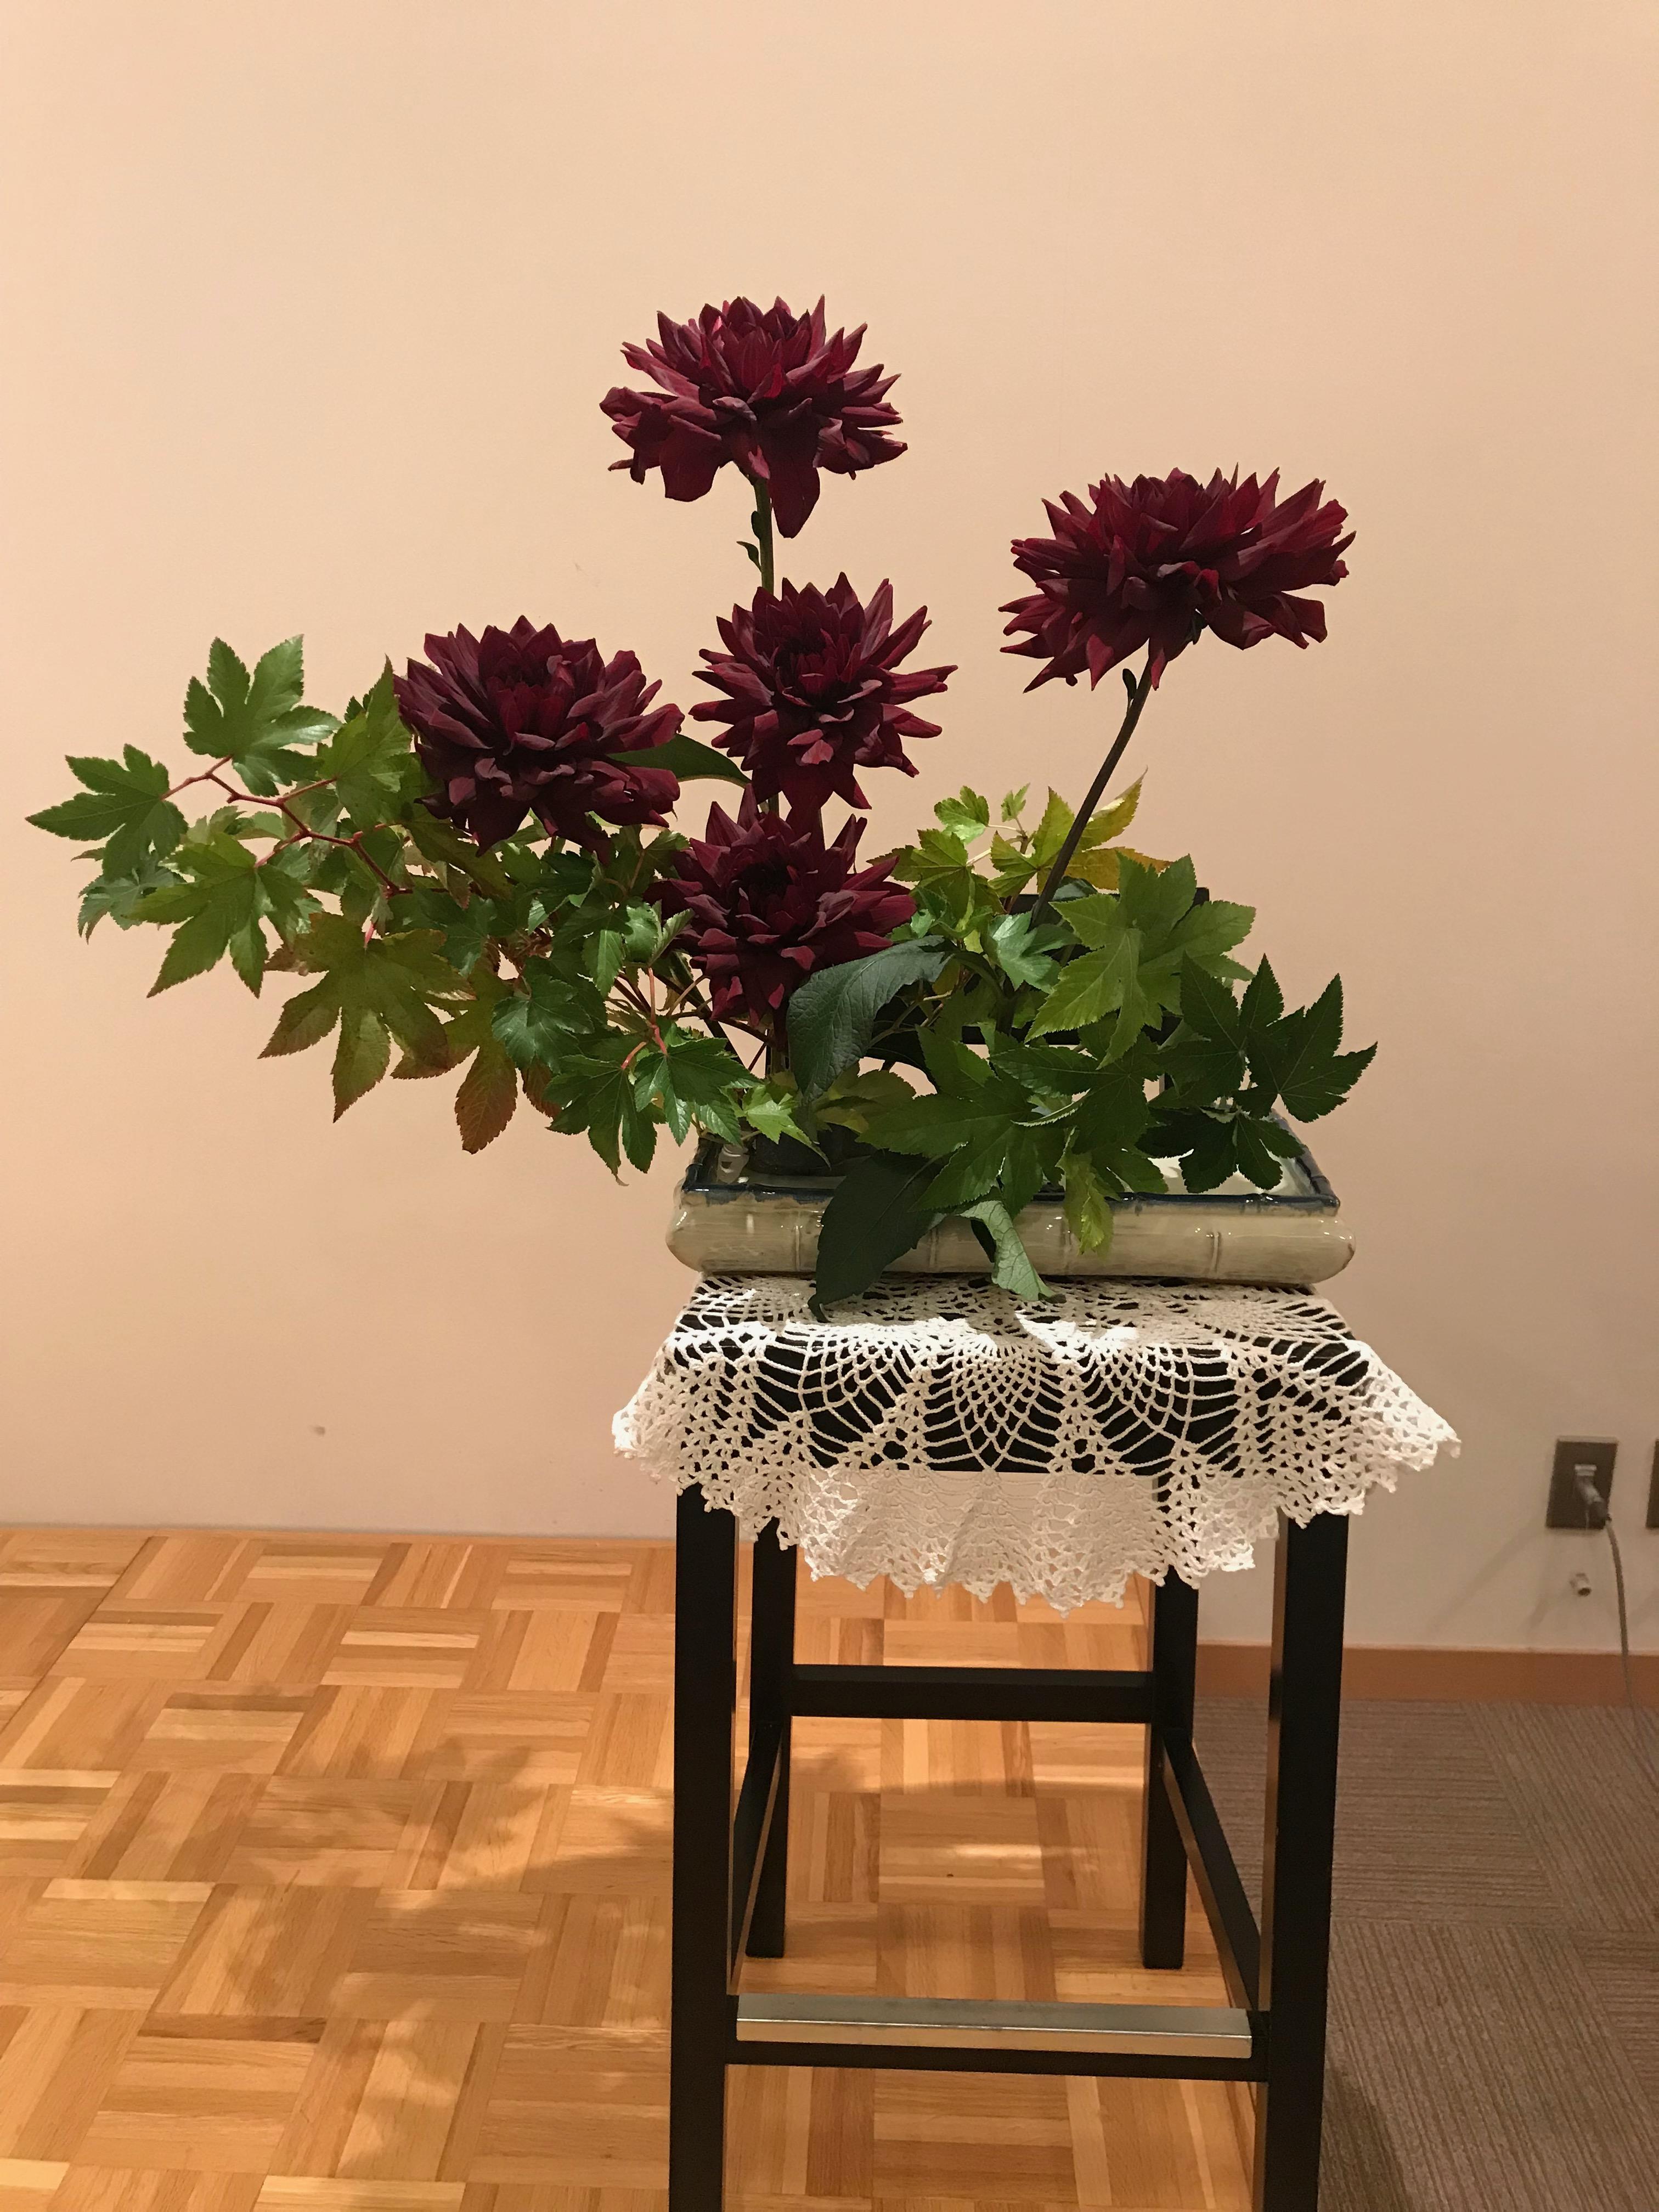 2018/10/14、ダリアとヤマブドウ